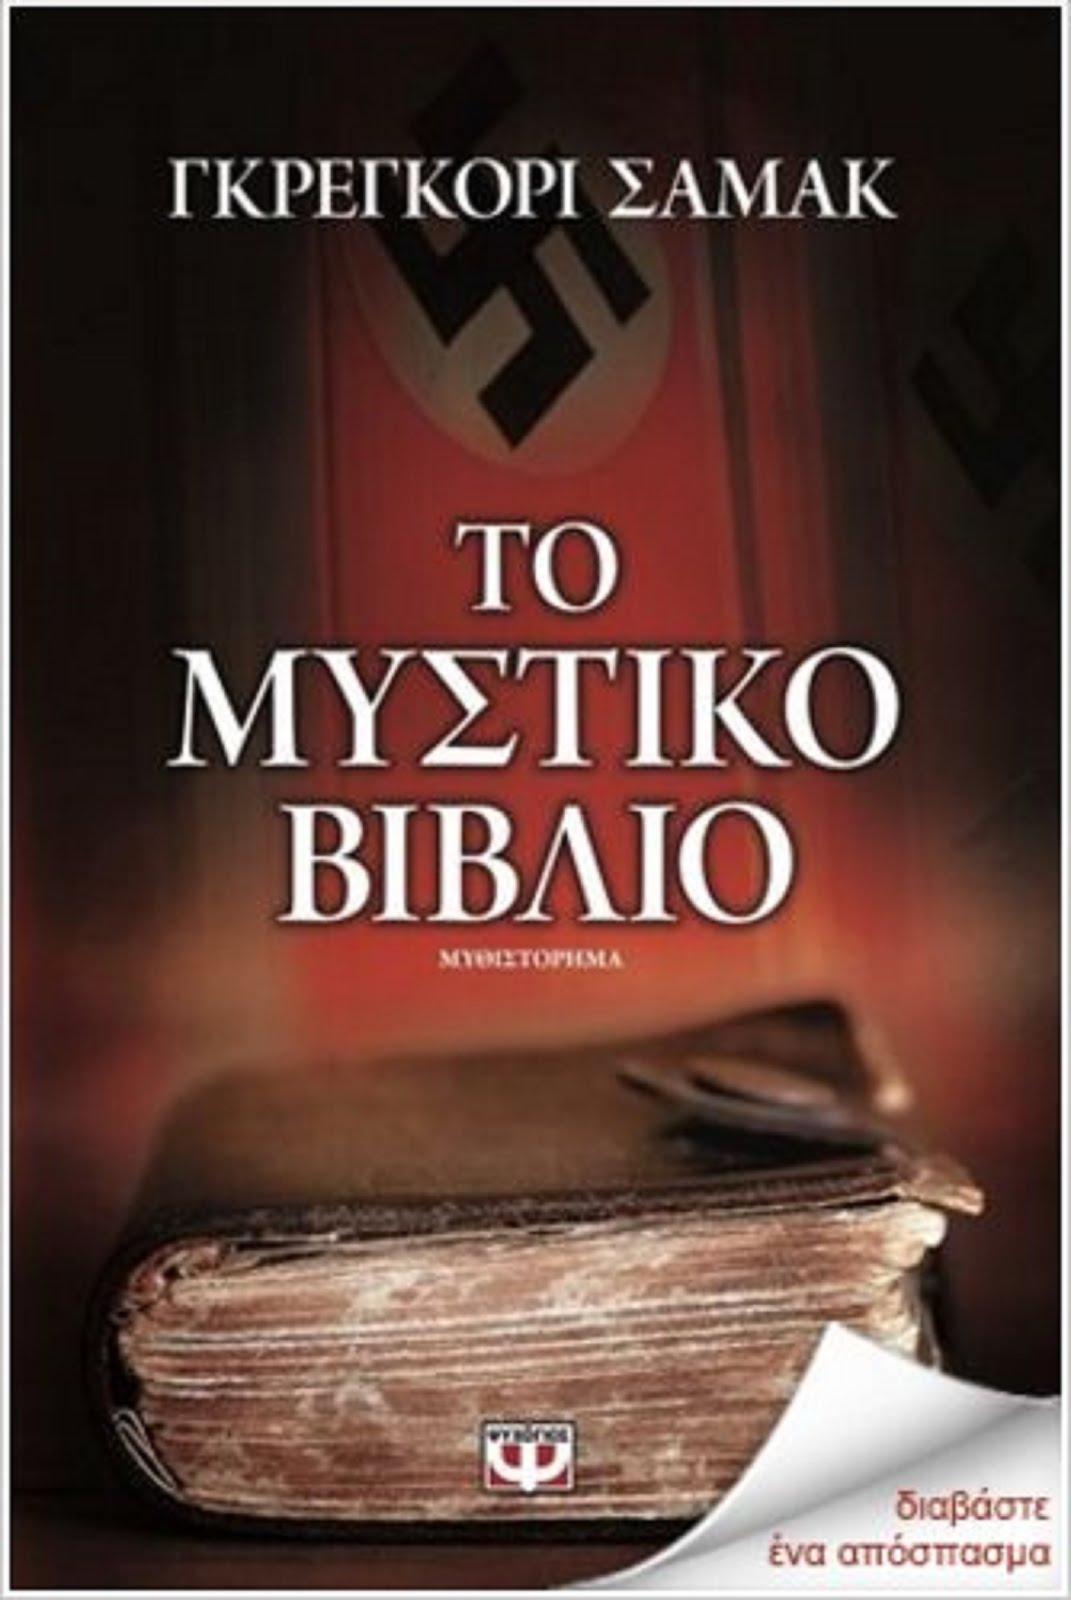 Για βιβλιοφάγους